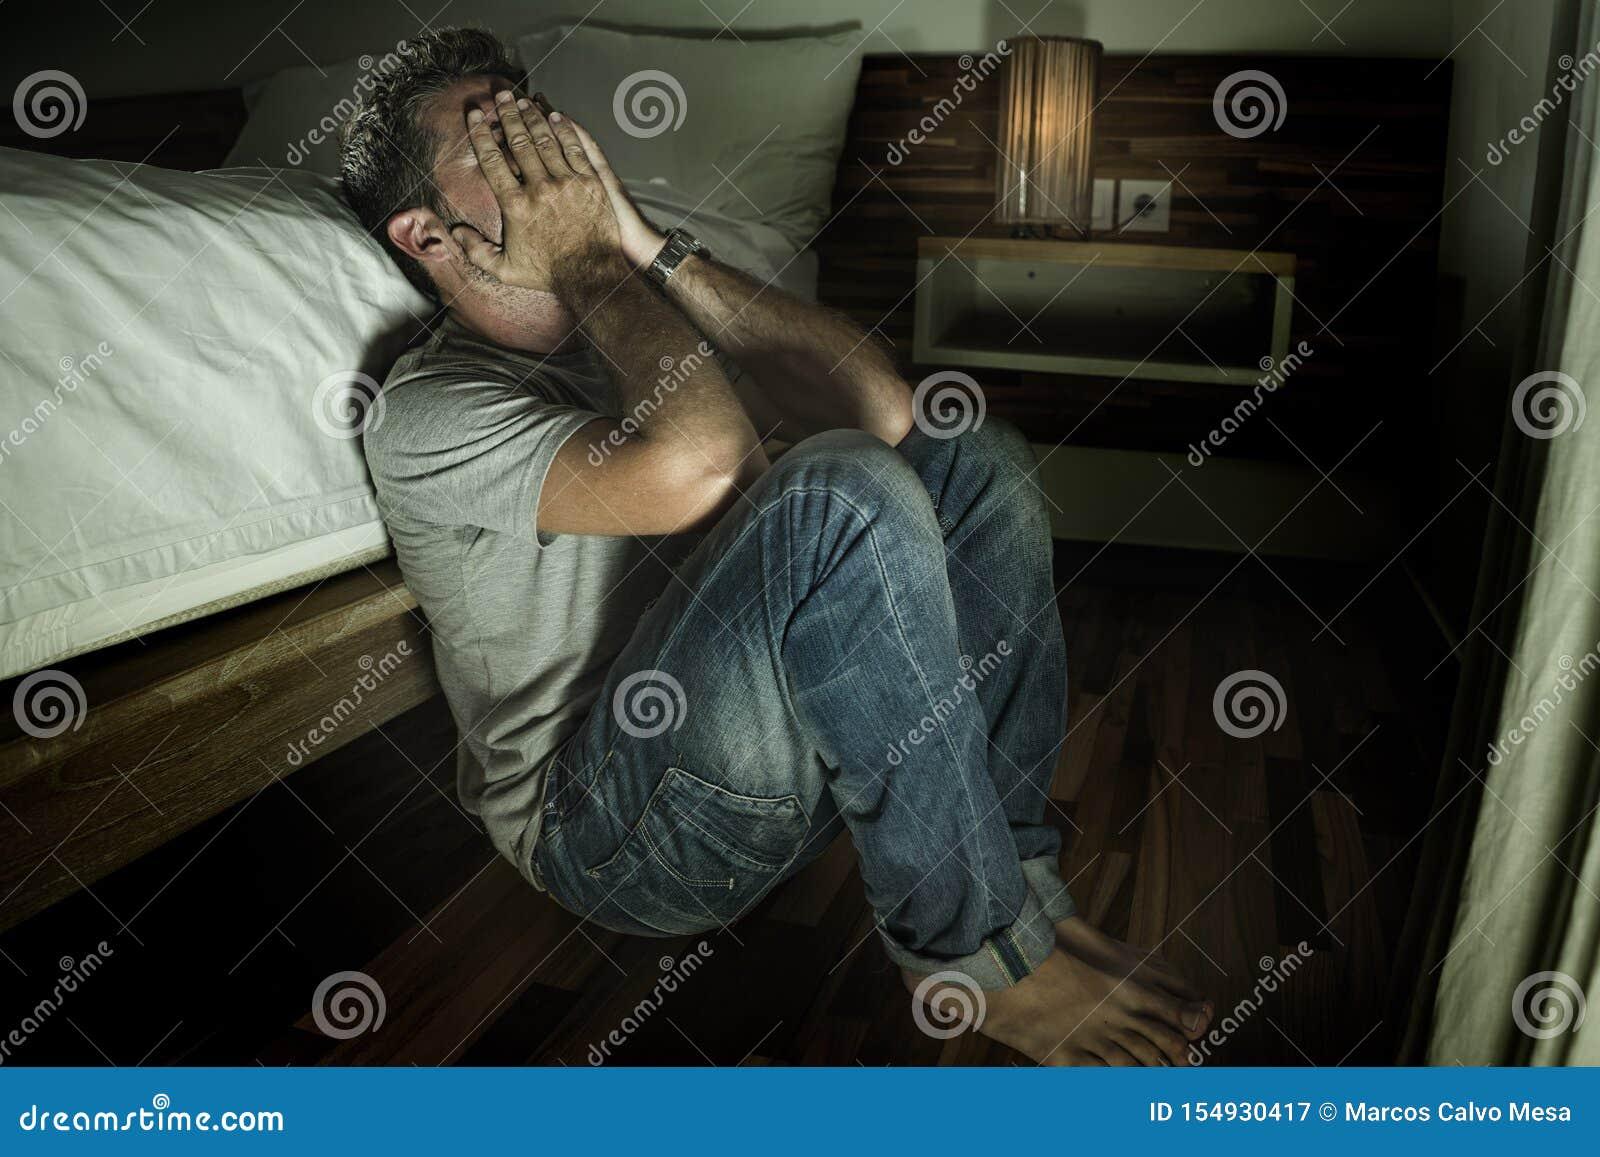 Retrato casero dramático del hombre solo desesperado y deprimido joven que se sienta en crisis sufridora enferma gritadora de la